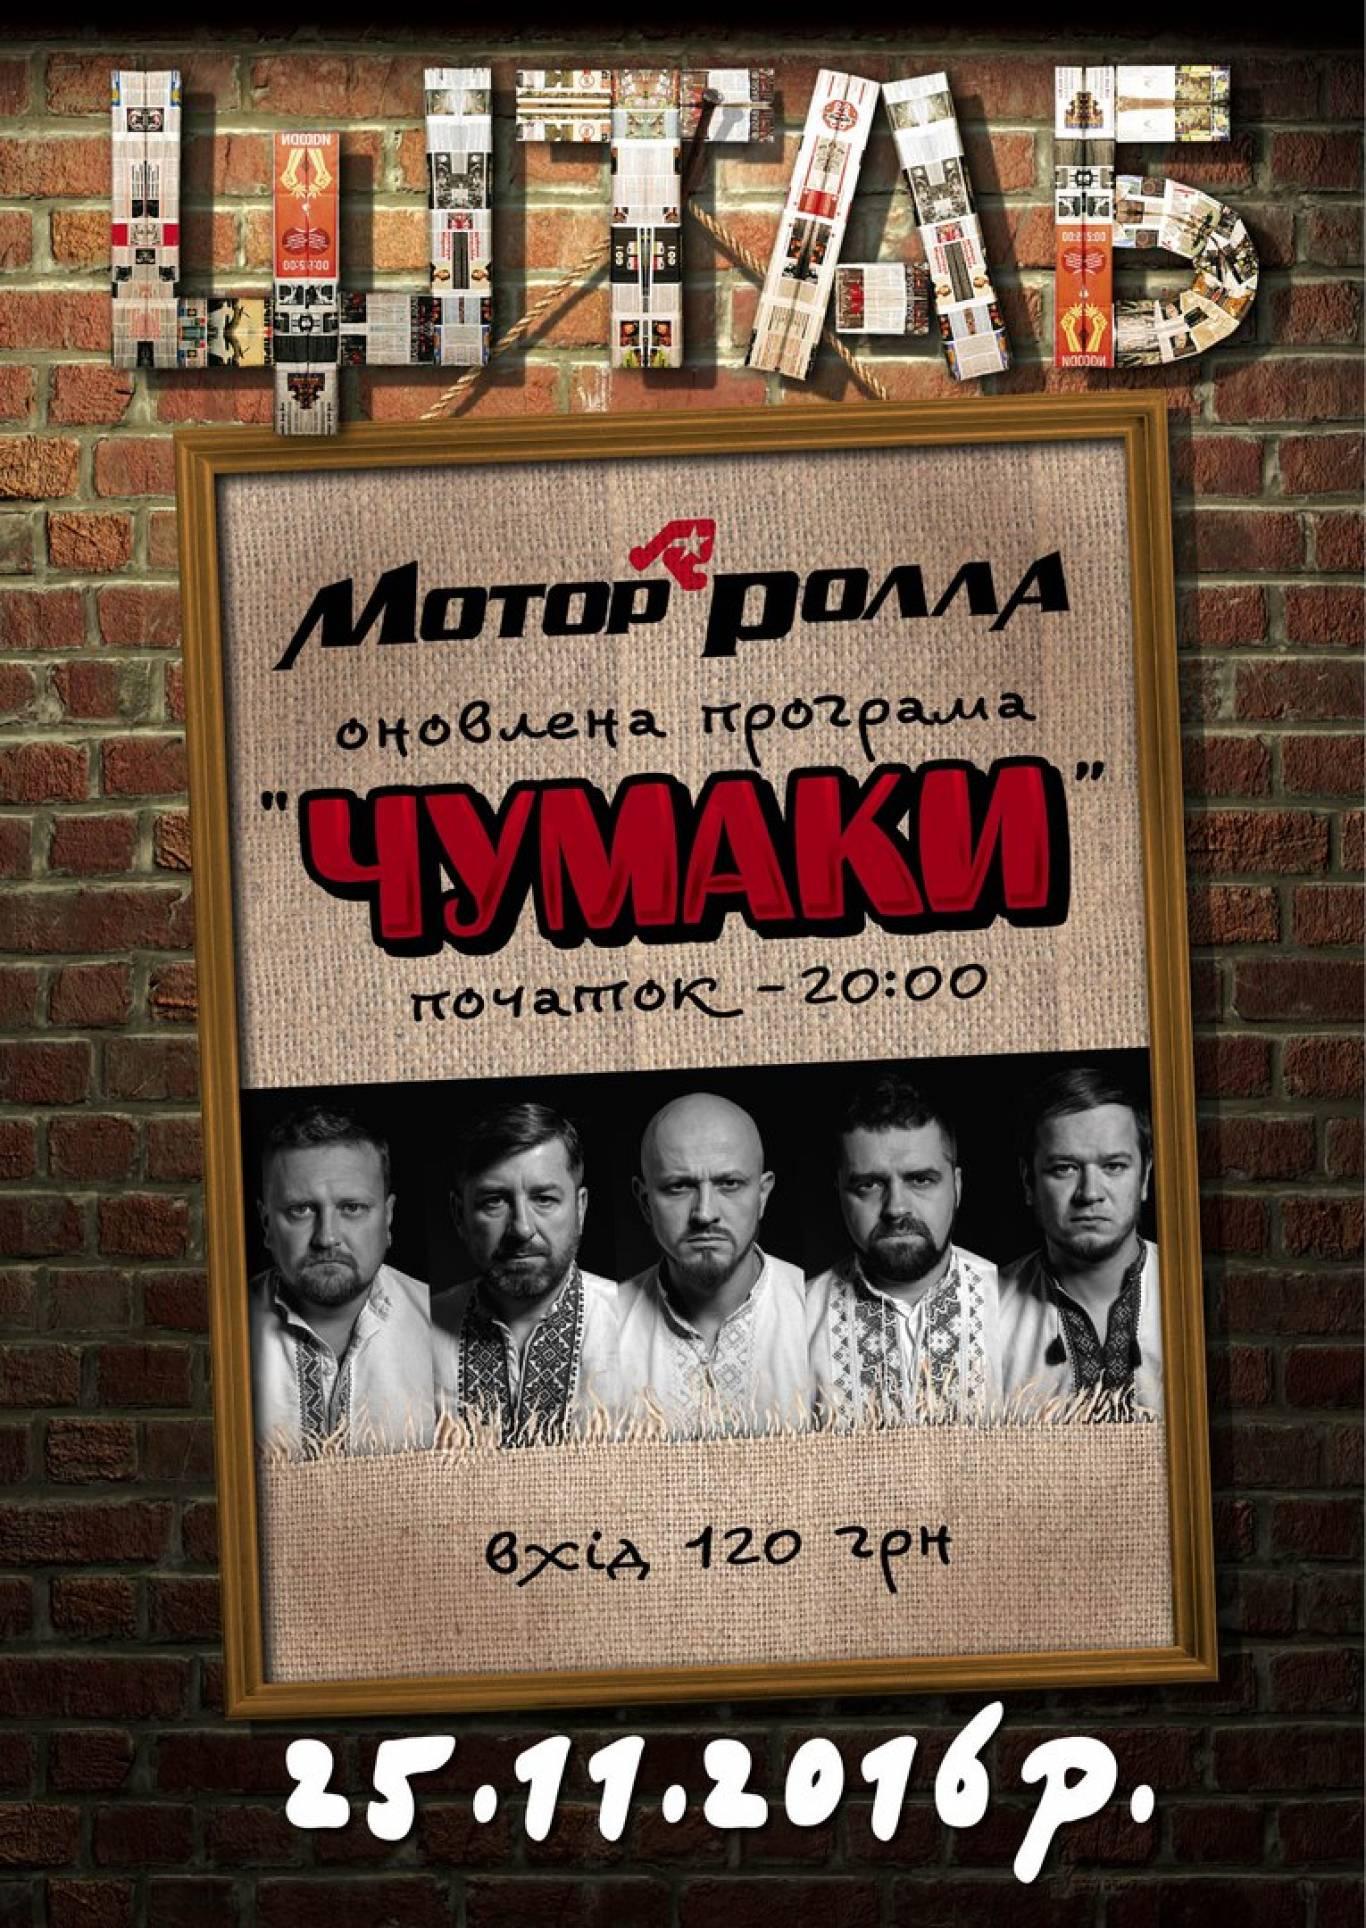 Виступ гурту Мотор'ролла у Хмельницькому